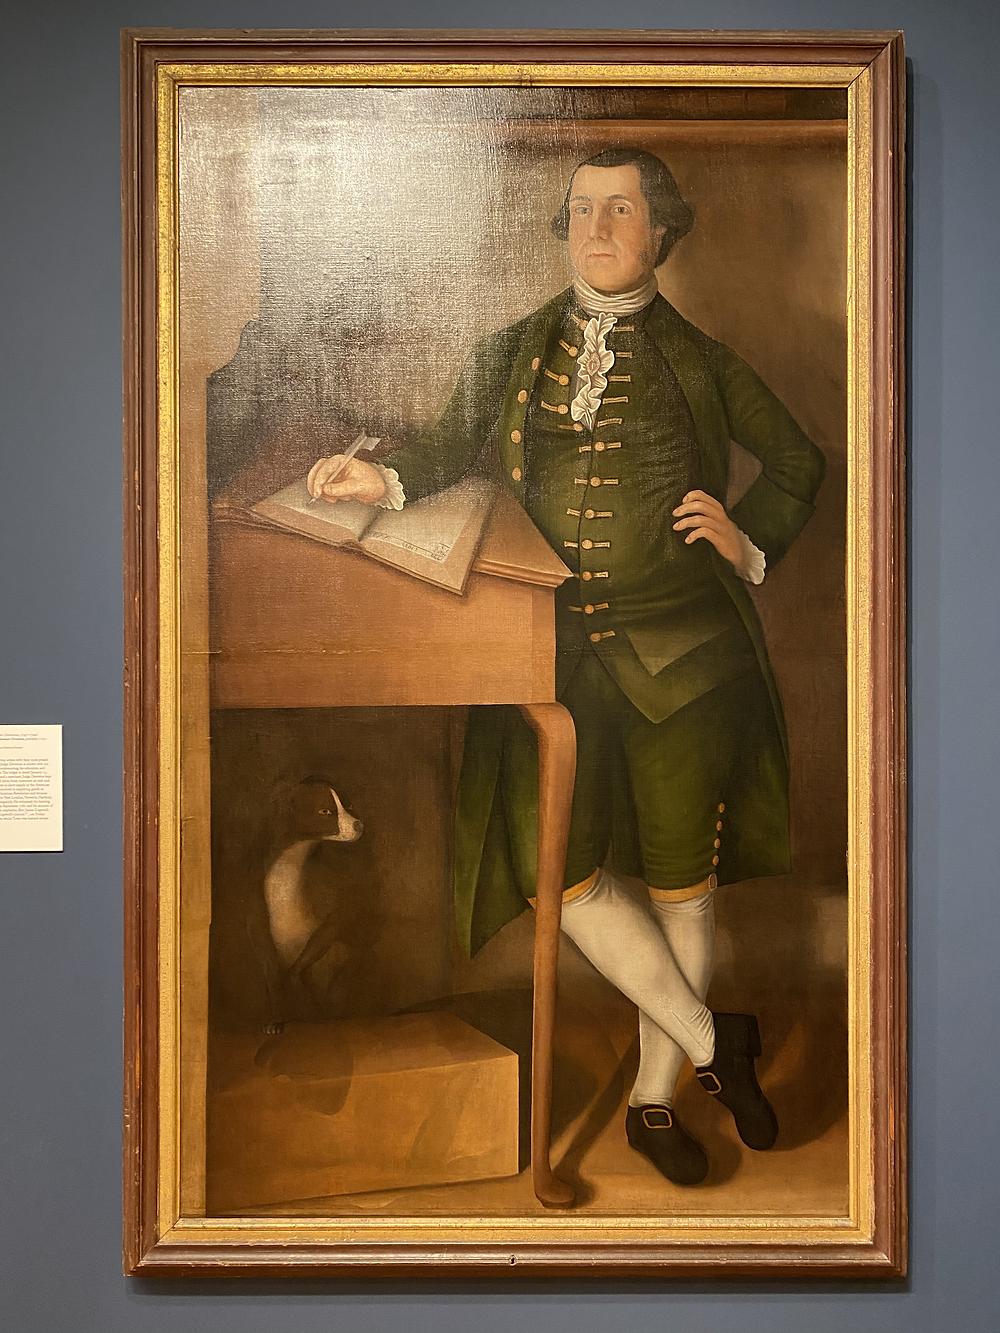 Winthrop Chandler: Judge Ebenezer Devotion (c. 1772)